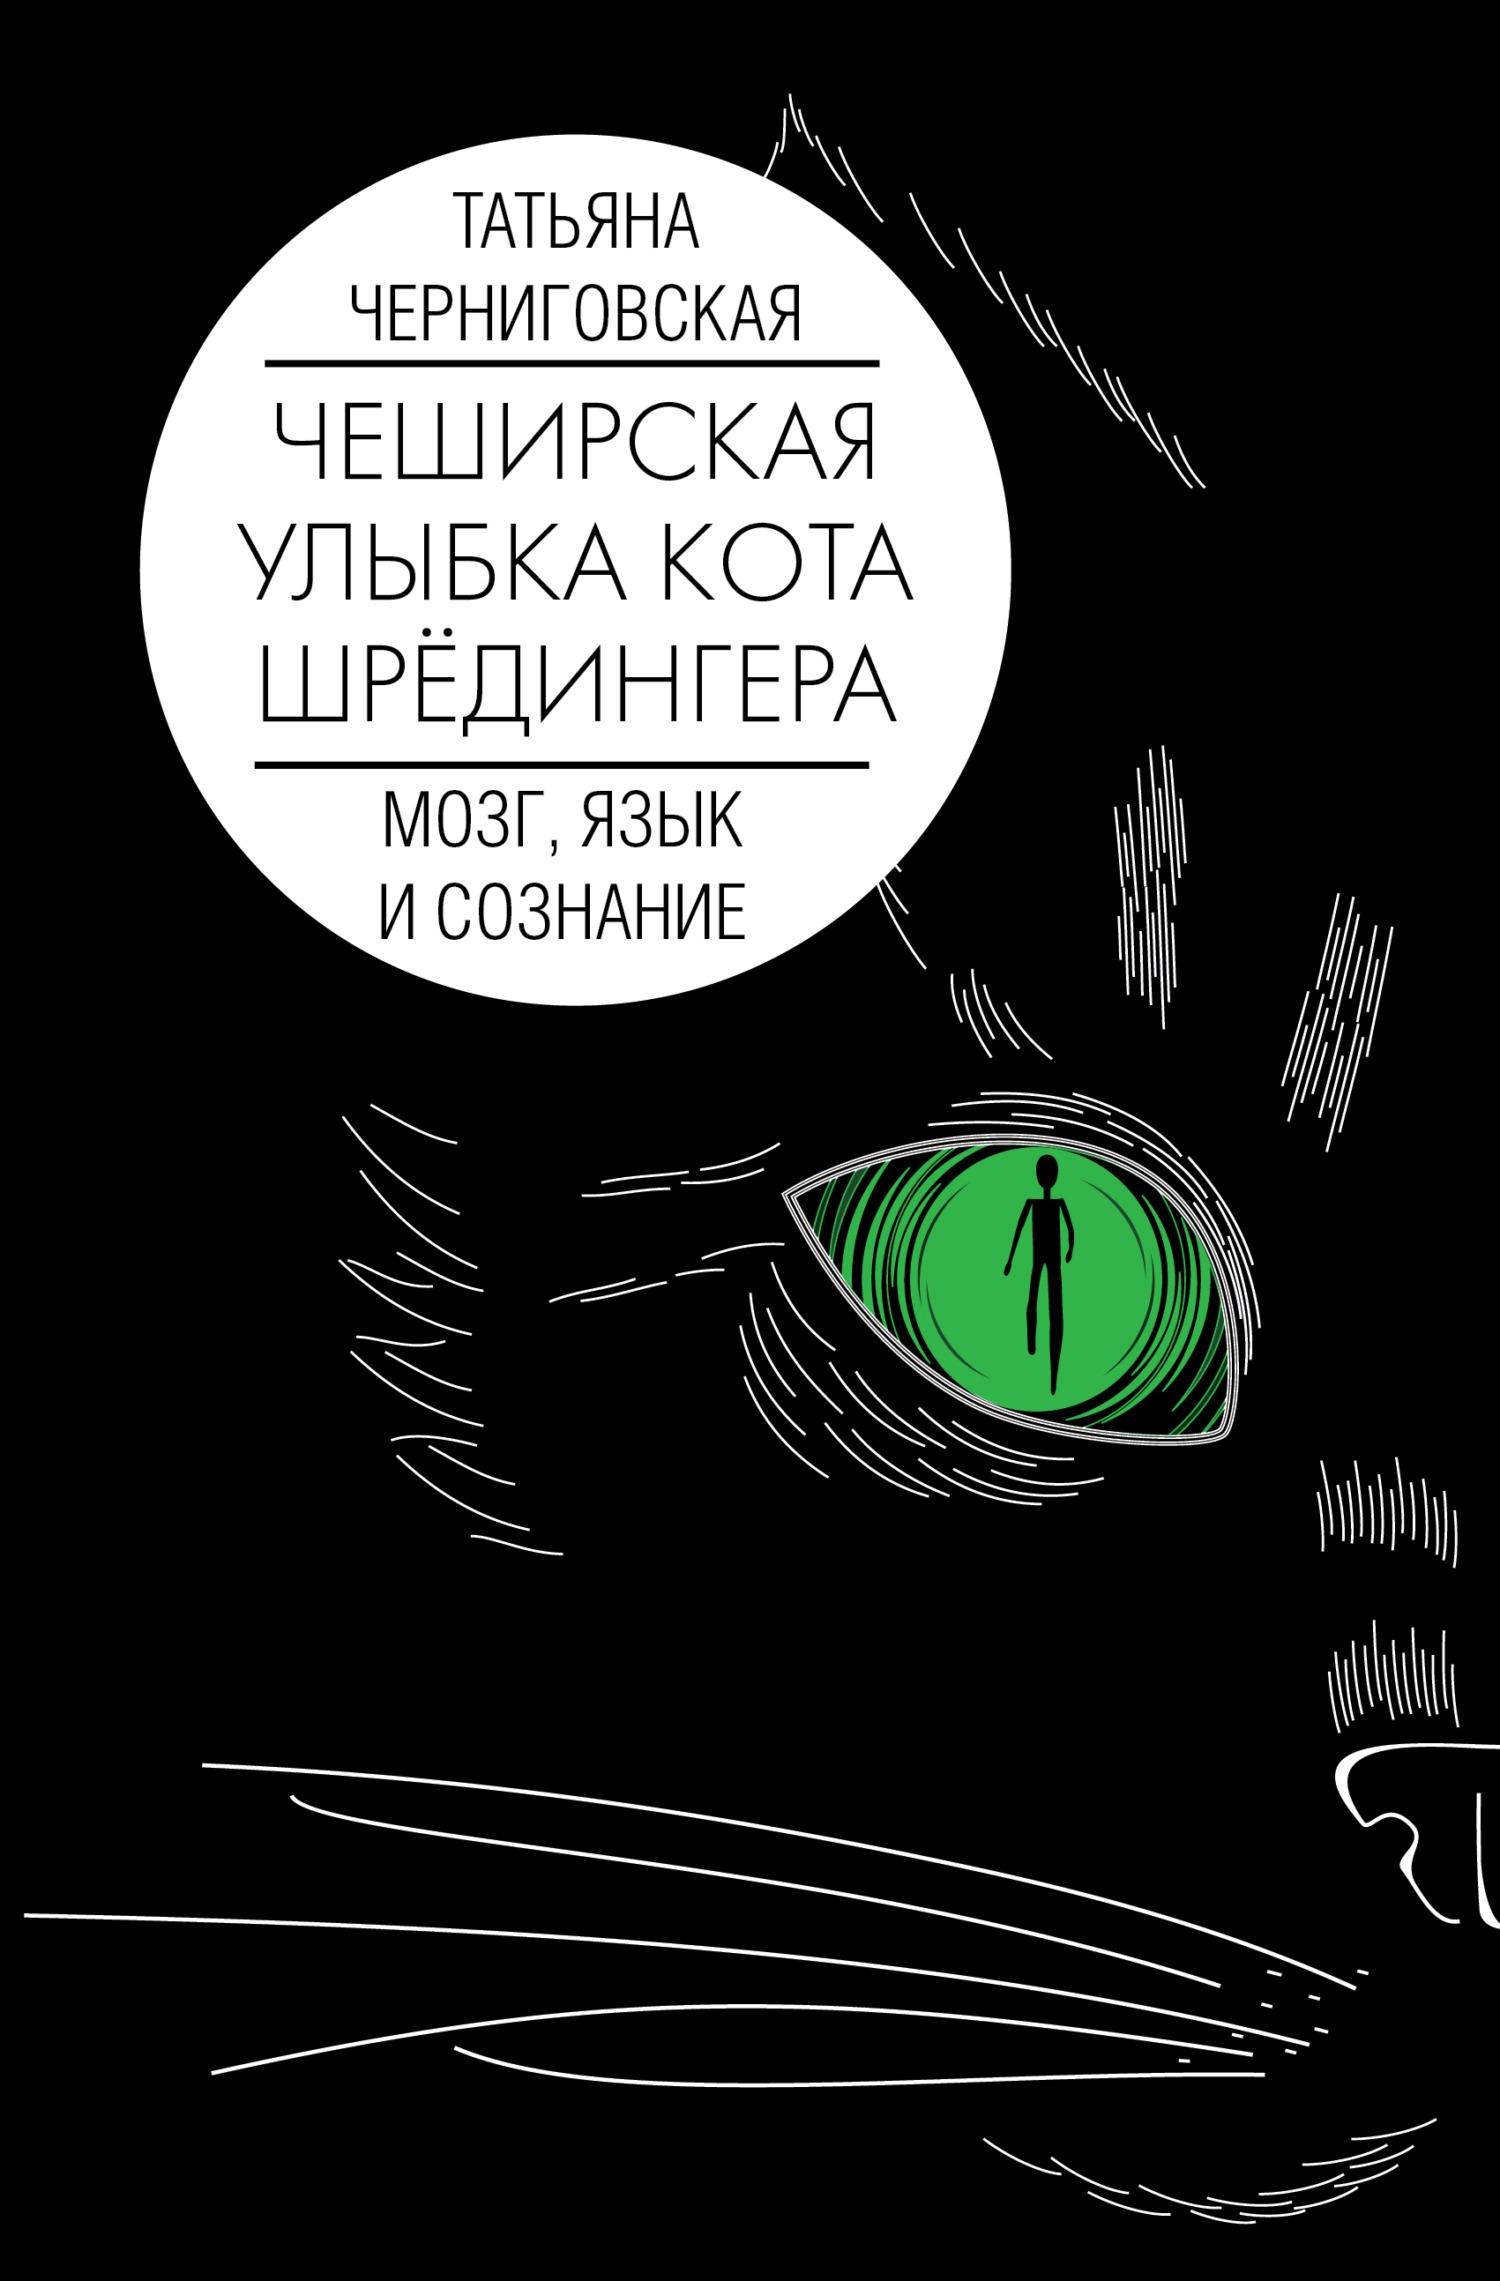 Чеширская улыбка кота Шрёдингера: мозг, язык и сознание